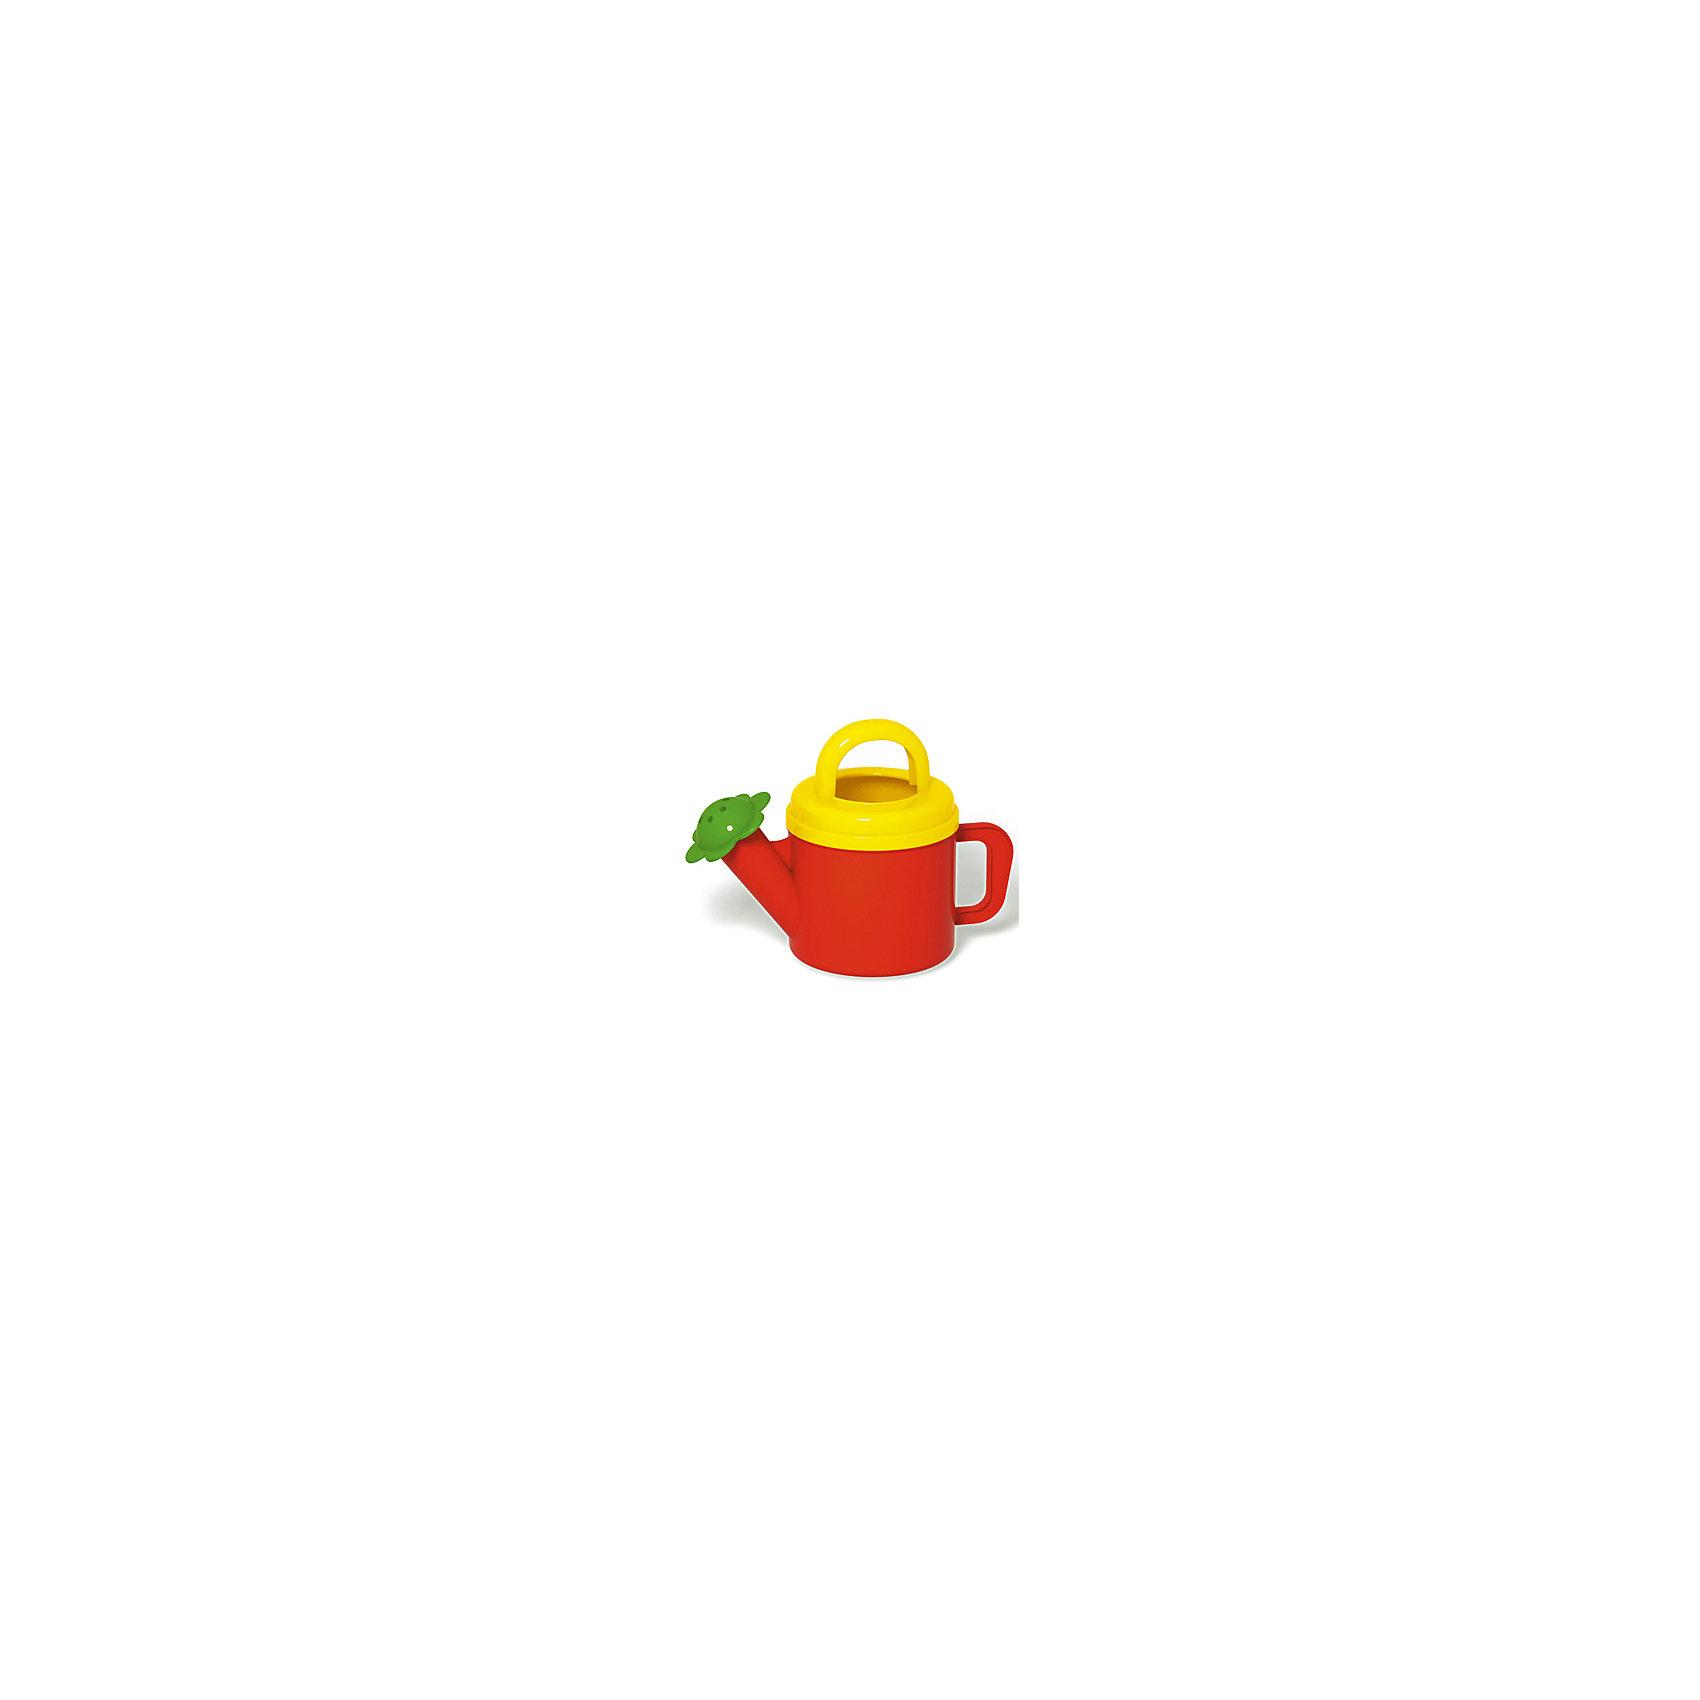 Лейка 0,4 л., СтелларВсе дети очень любят игры с водой. Эта яркая леечка обязательно привлечет внимание вашего ребенка. Ее можно брать с собой на пляж, поливать из нее цветы или просто весело плескаться в ванне. Игрушка выполнена из высококачественного пластика, не имеет острых углов, безопасна для детей. <br><br>Дополнительная информация:<br><br>- Материал: пластик.<br>- Цвет: красный, желтый, зеленый.<br>- Объем: 0,4 л.<br><br>Лейку 0,4 л., Стеллар, можно купить в нашем магазине.<br><br>Ширина мм: 80<br>Глубина мм: 130<br>Высота мм: 180<br>Вес г: 290<br>Возраст от месяцев: 36<br>Возраст до месяцев: 72<br>Пол: Унисекс<br>Возраст: Детский<br>SKU: 4044369